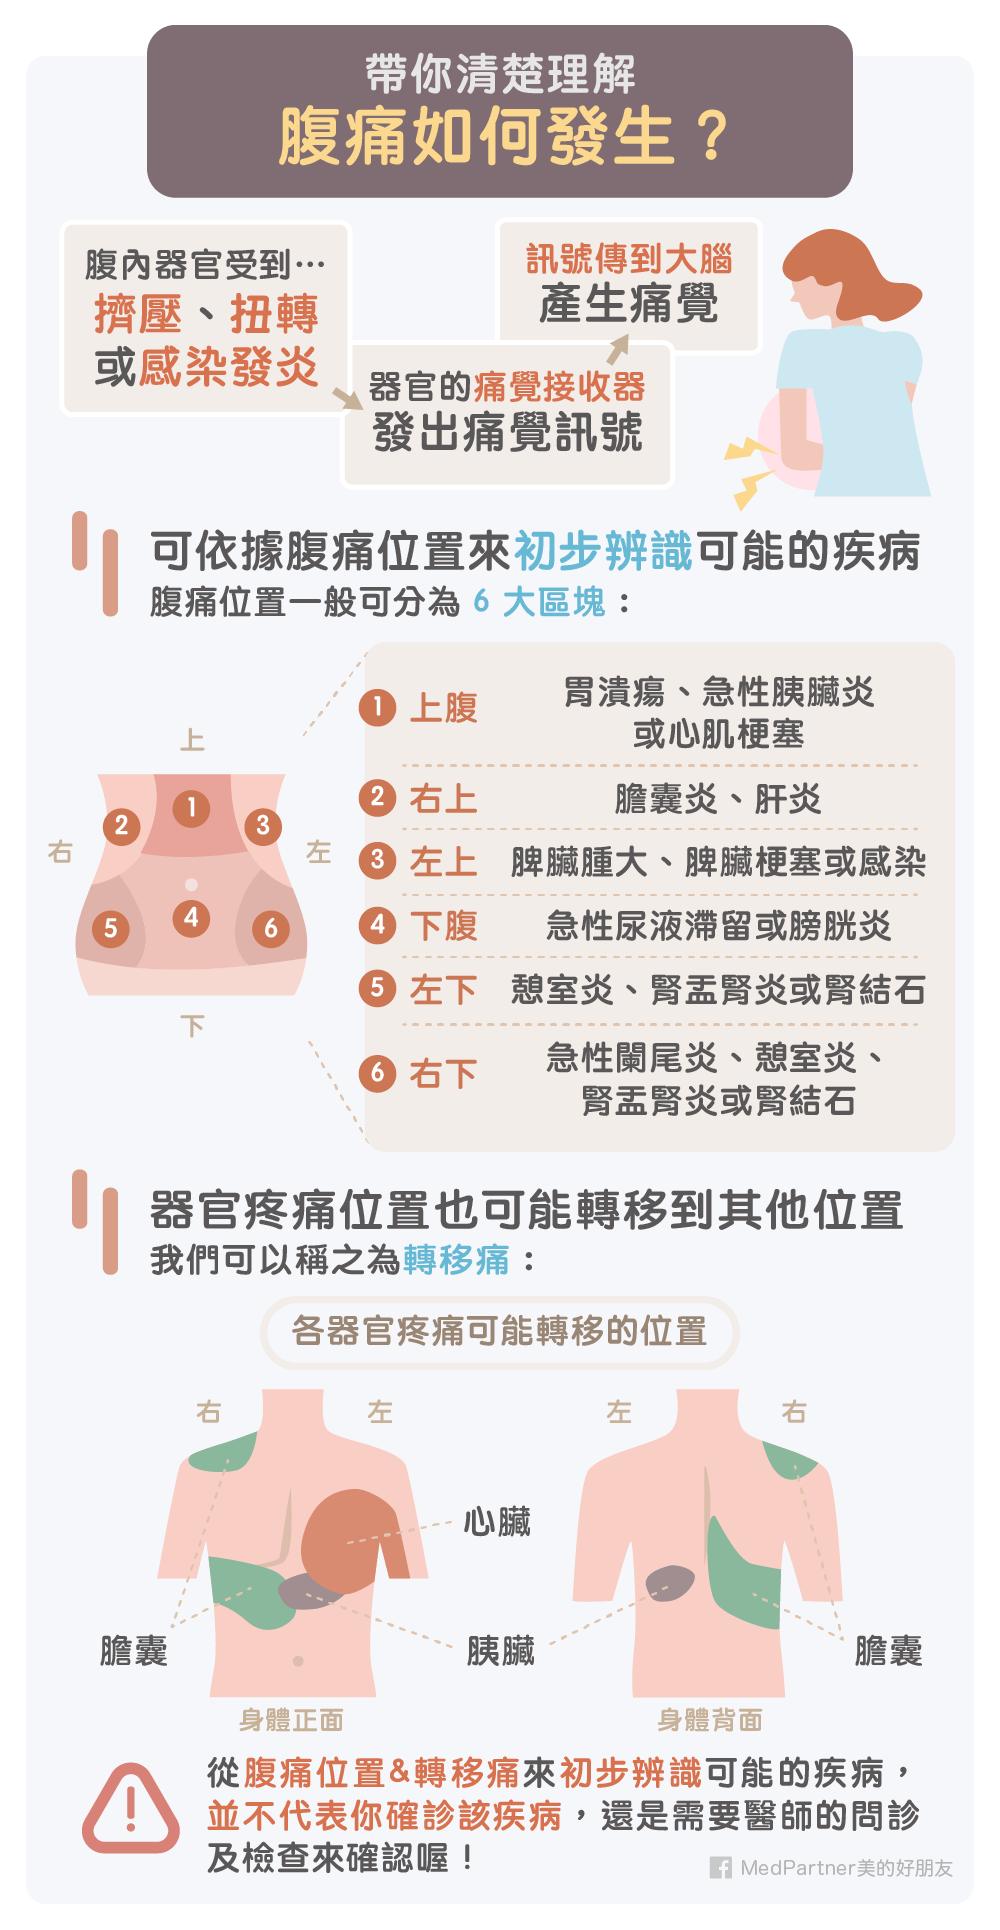 胃痛和腹痛如何區分?醫師教你從6方向分辨腹痛位置和可能疾病 | 消化系統 | 科別 | 元氣網 in 2020 | Health fitness ...